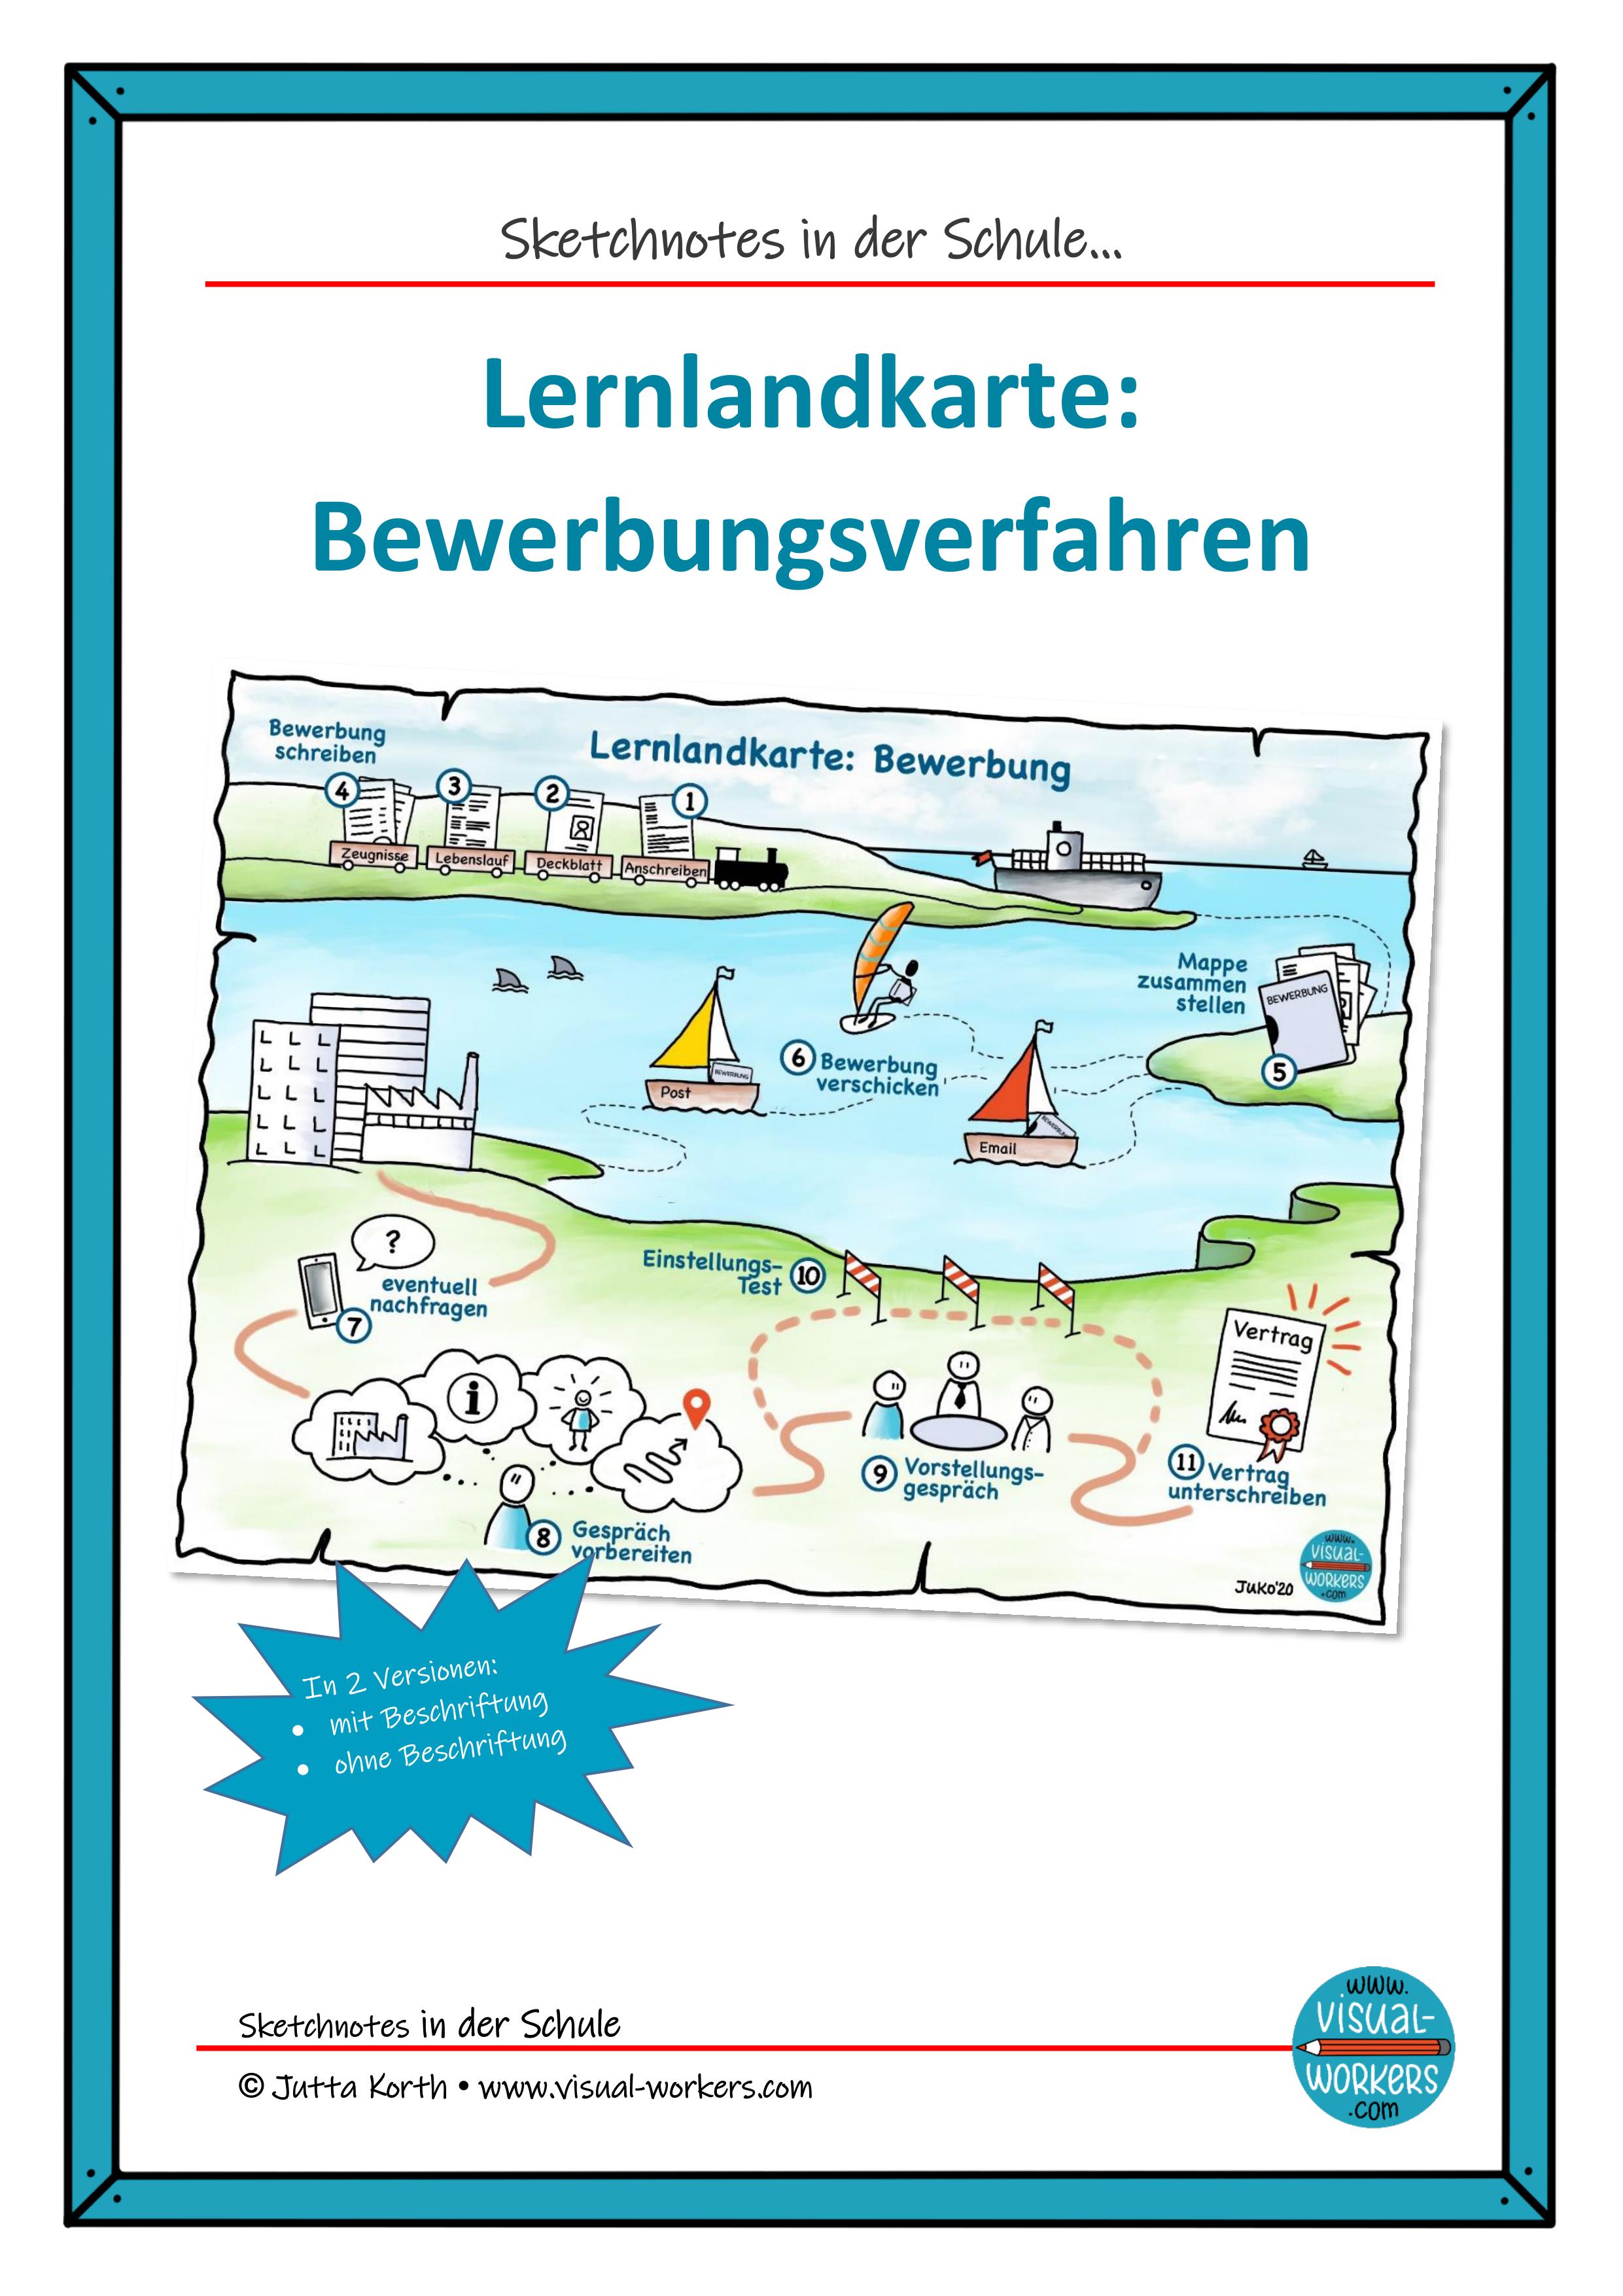 Lernlandkarte Bewerbungsverfahren Unterrichtsmaterial In Den Fachern Arbeitslehre Deutsch In 2020 Lernlandkarte Lernen Deutsch Unterricht